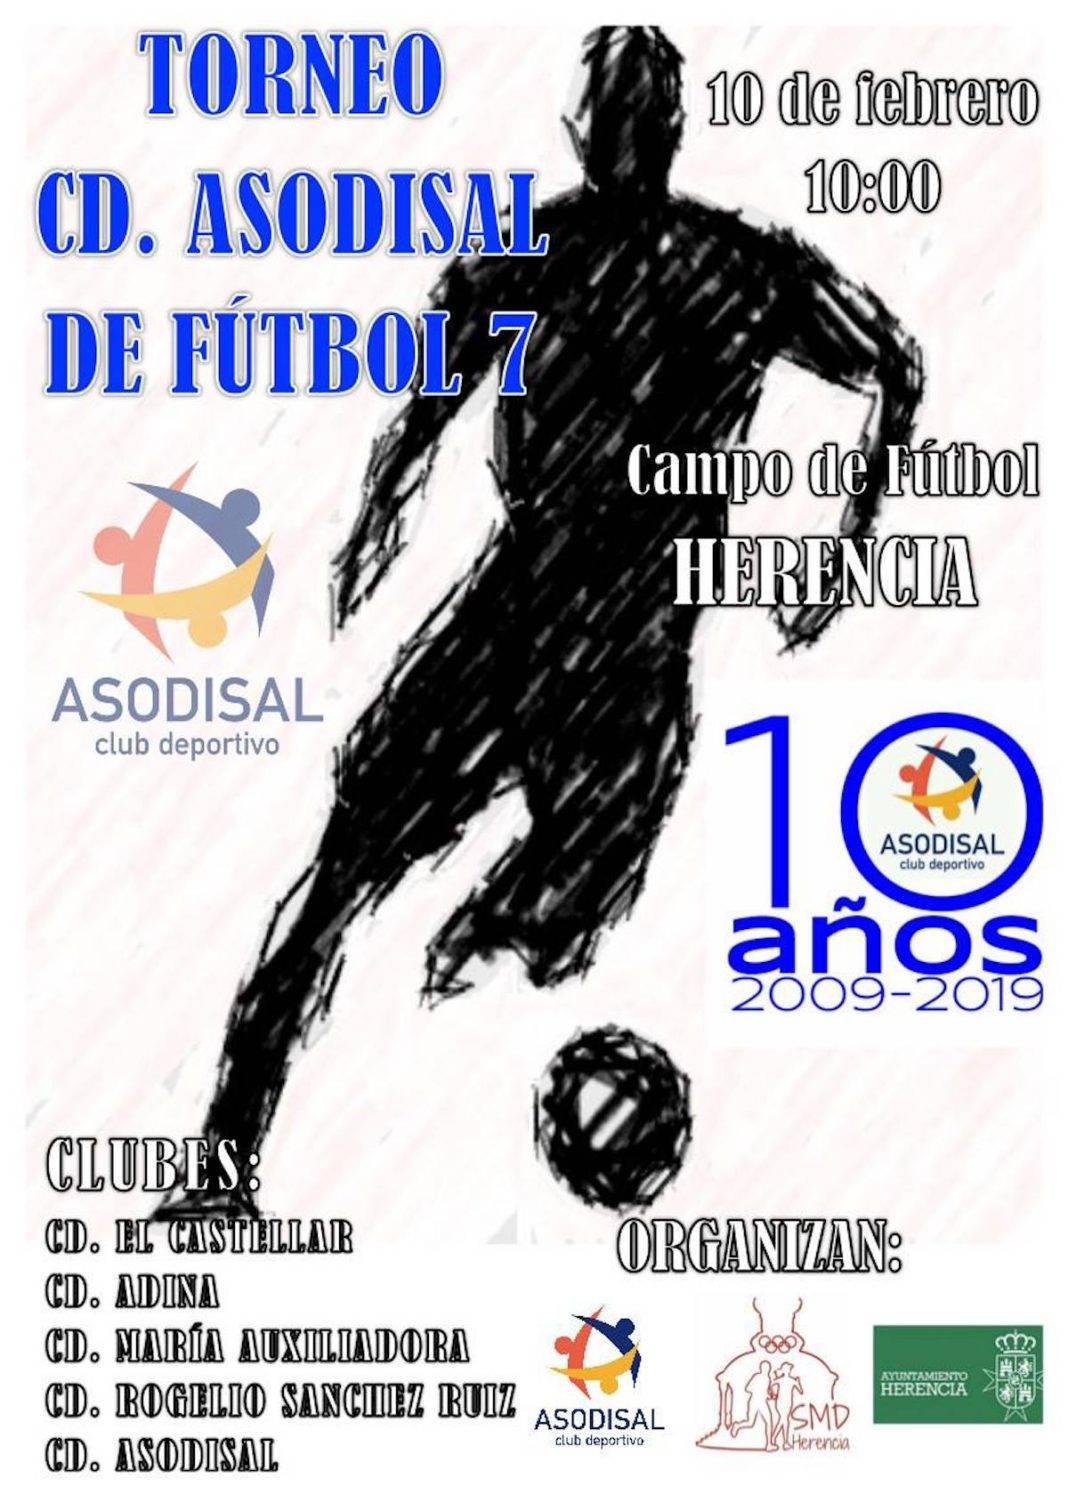 torneo futbol 7 inclusivo herencia 1068x1511 - Torneo de fútbol 7 en Herencia organizado por CD. Asodisal